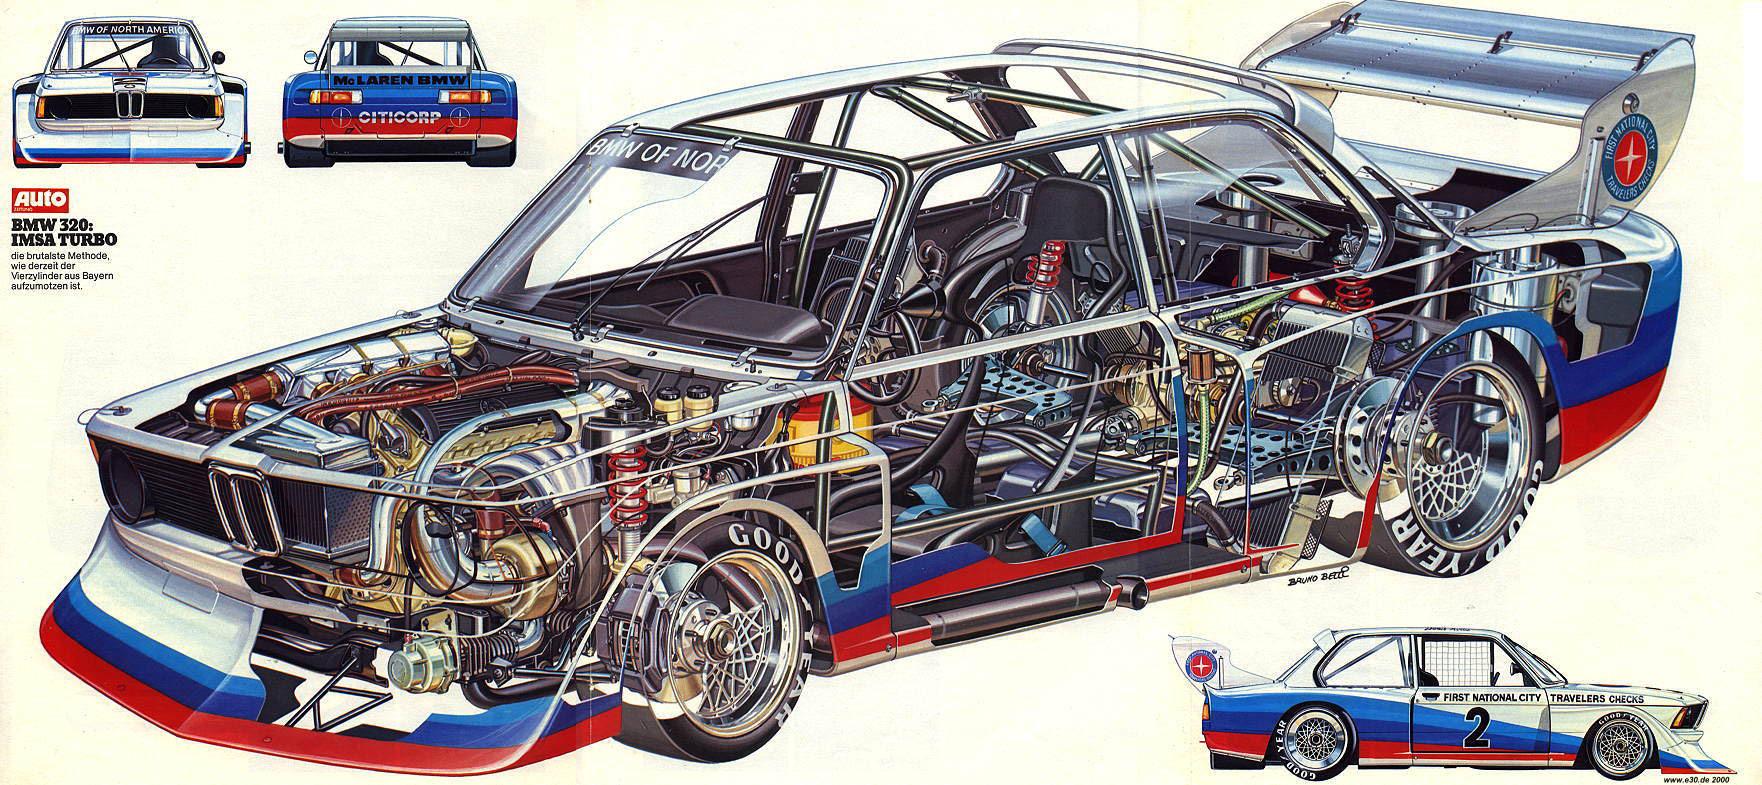 BMW 320 Turbo cutaway